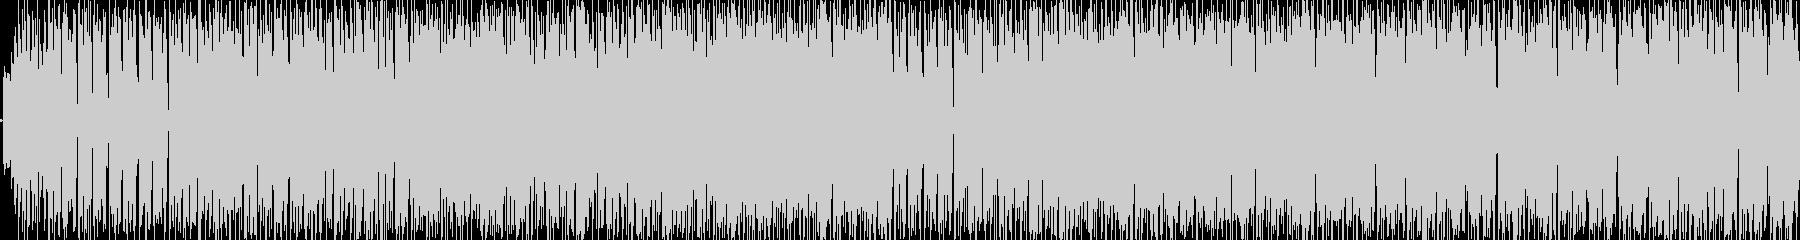 与論島に行った時に浮かんできた曲です。…の未再生の波形